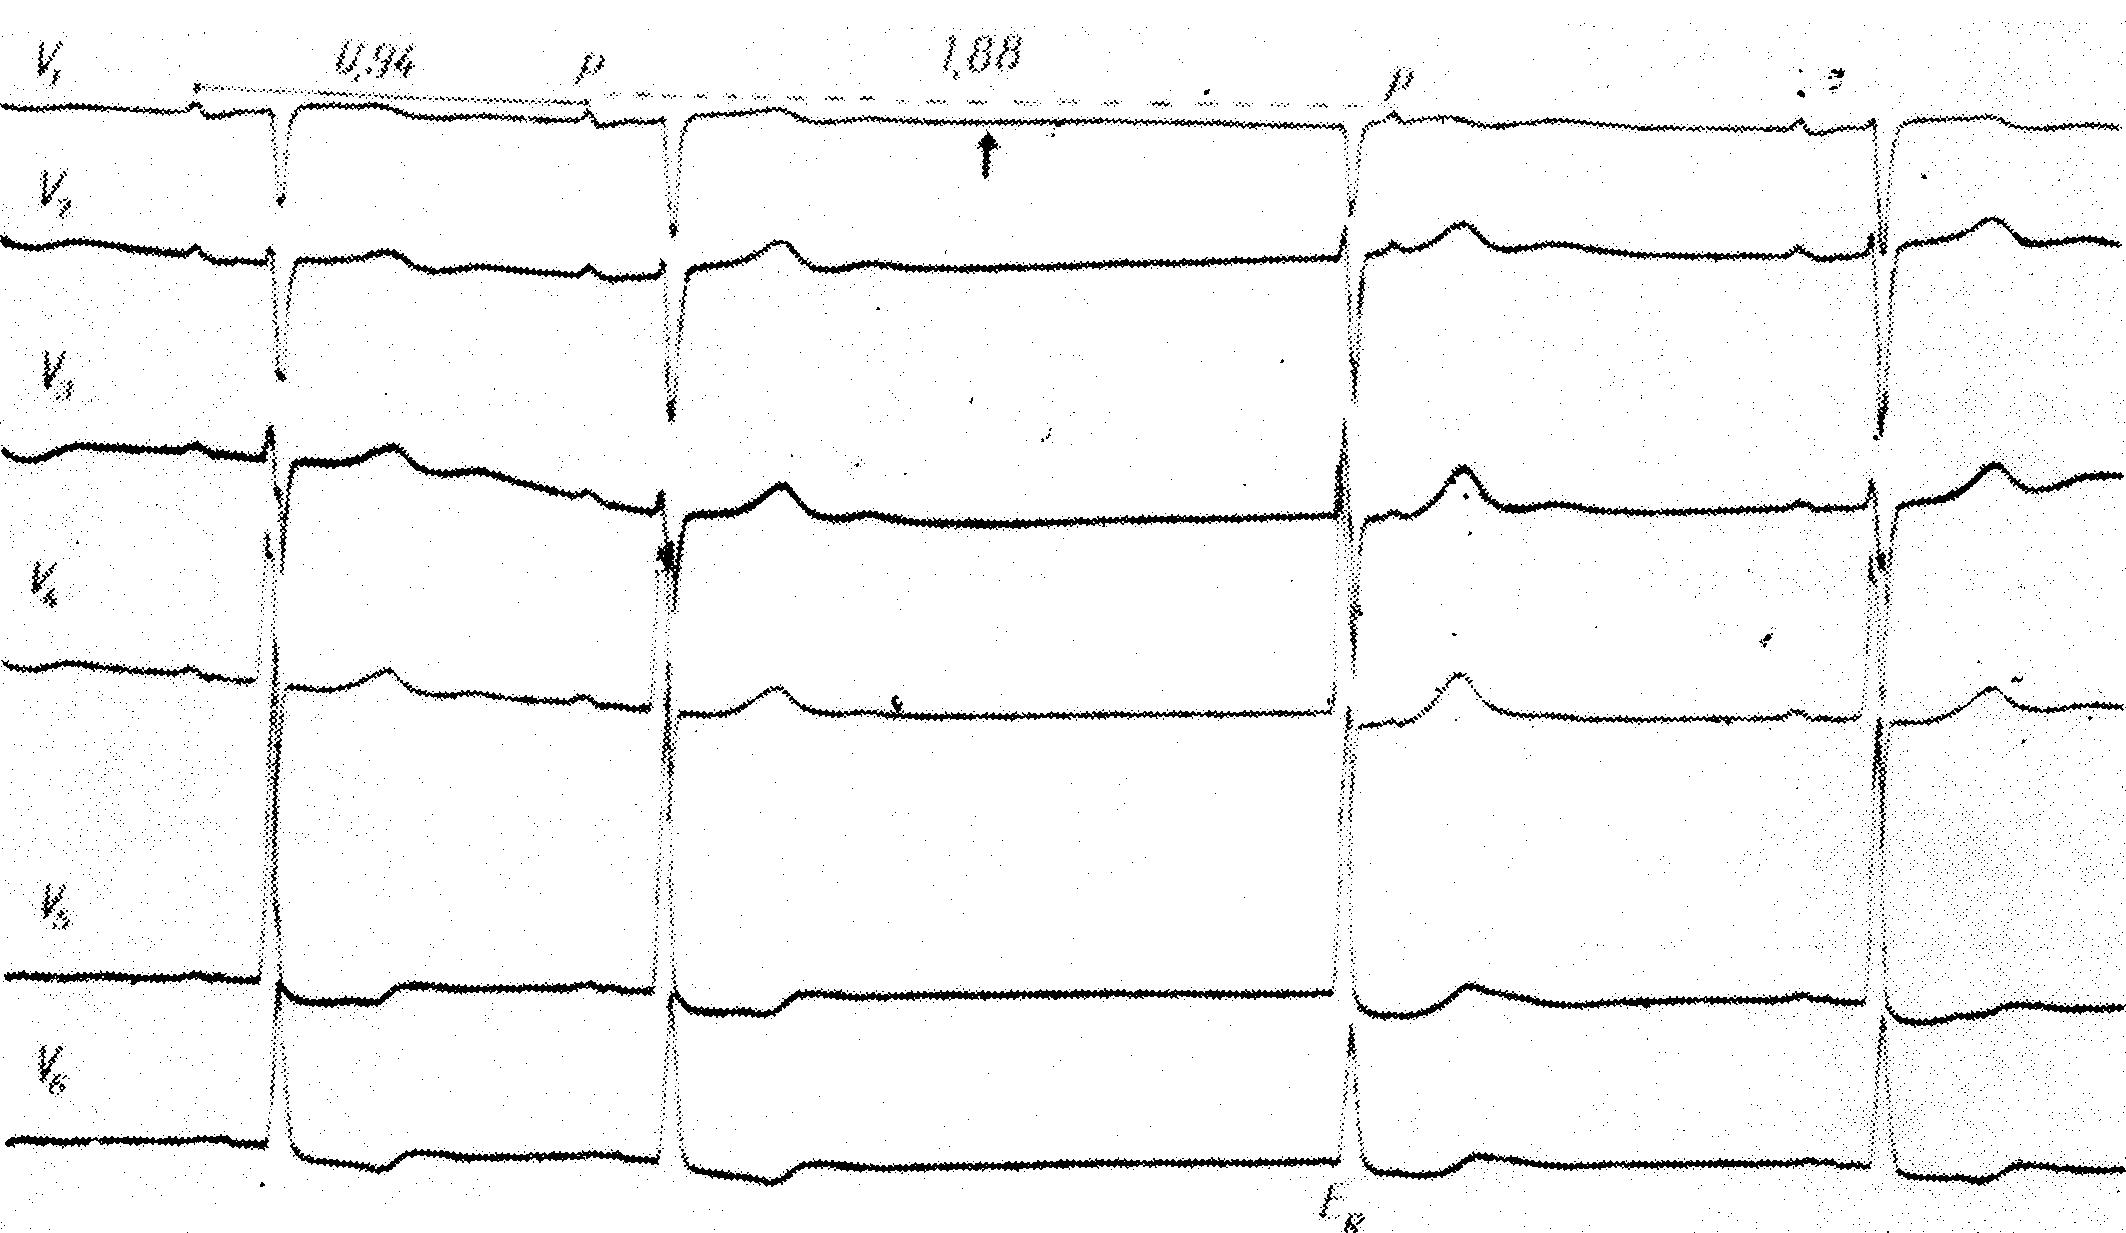 Электрокардиографические критерии синоаурикулярной блокады второй степени